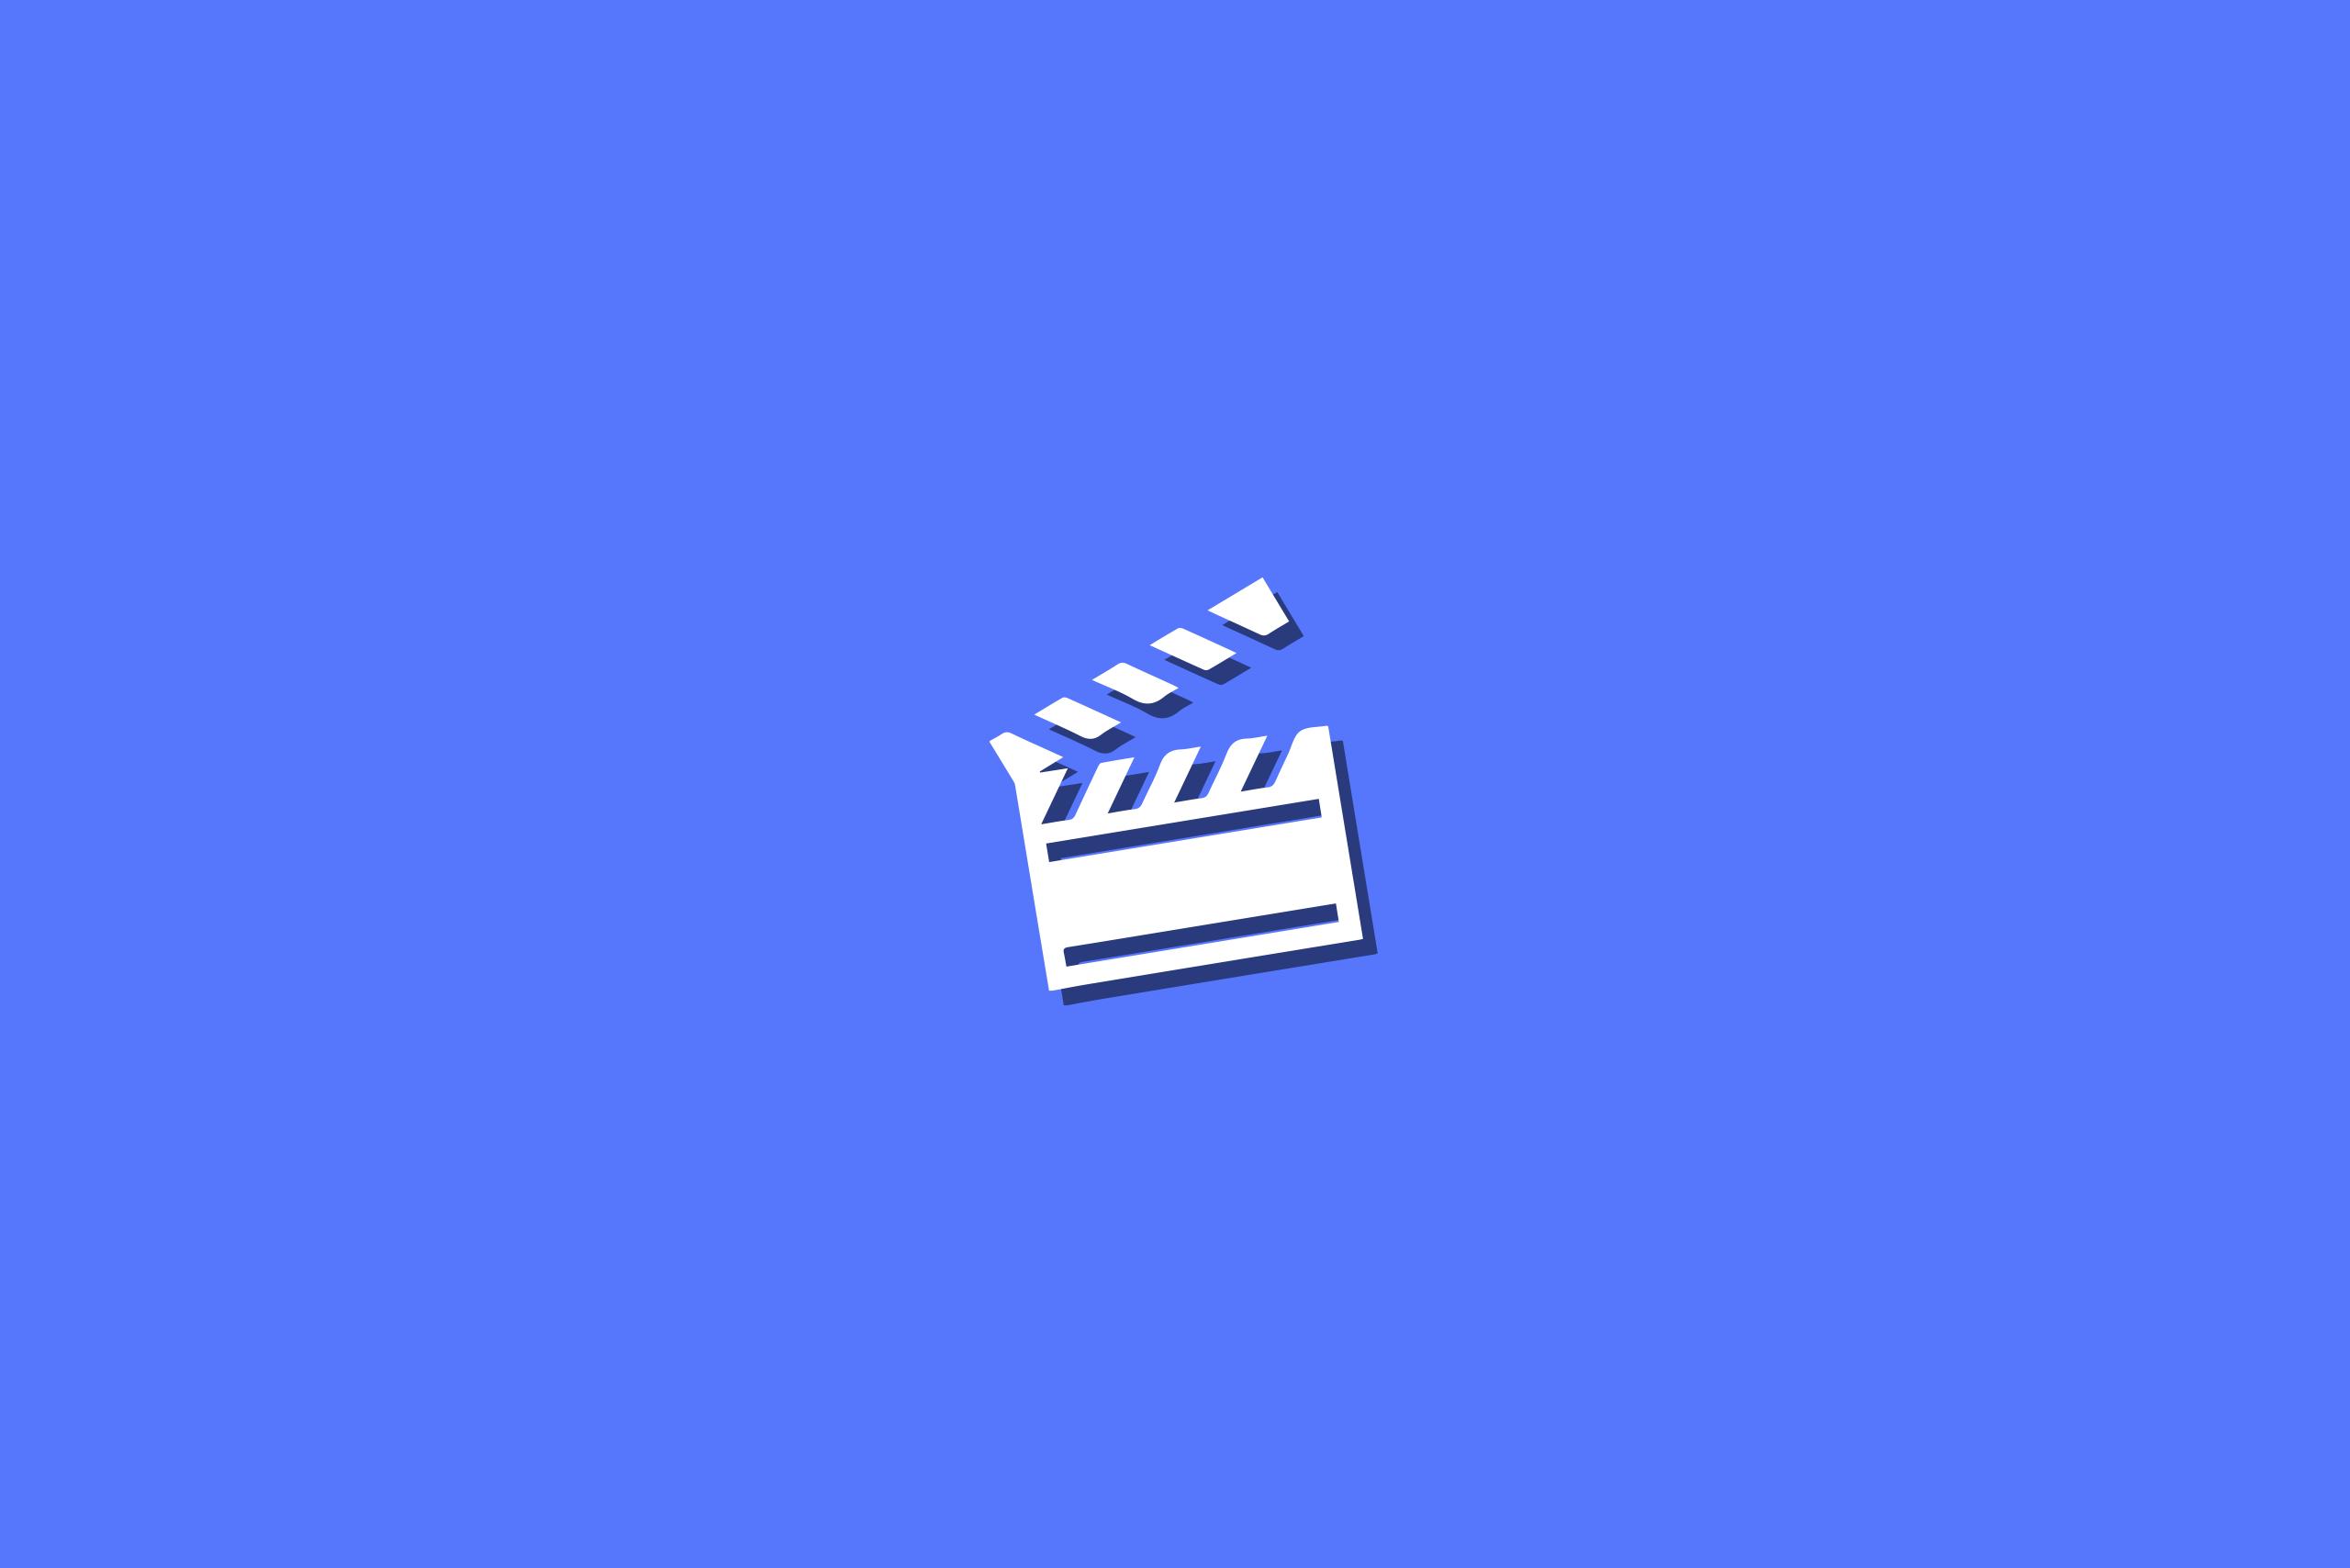 Especial Los Oscar: Películas de bajo presupuesto que arrasaron en taquilla